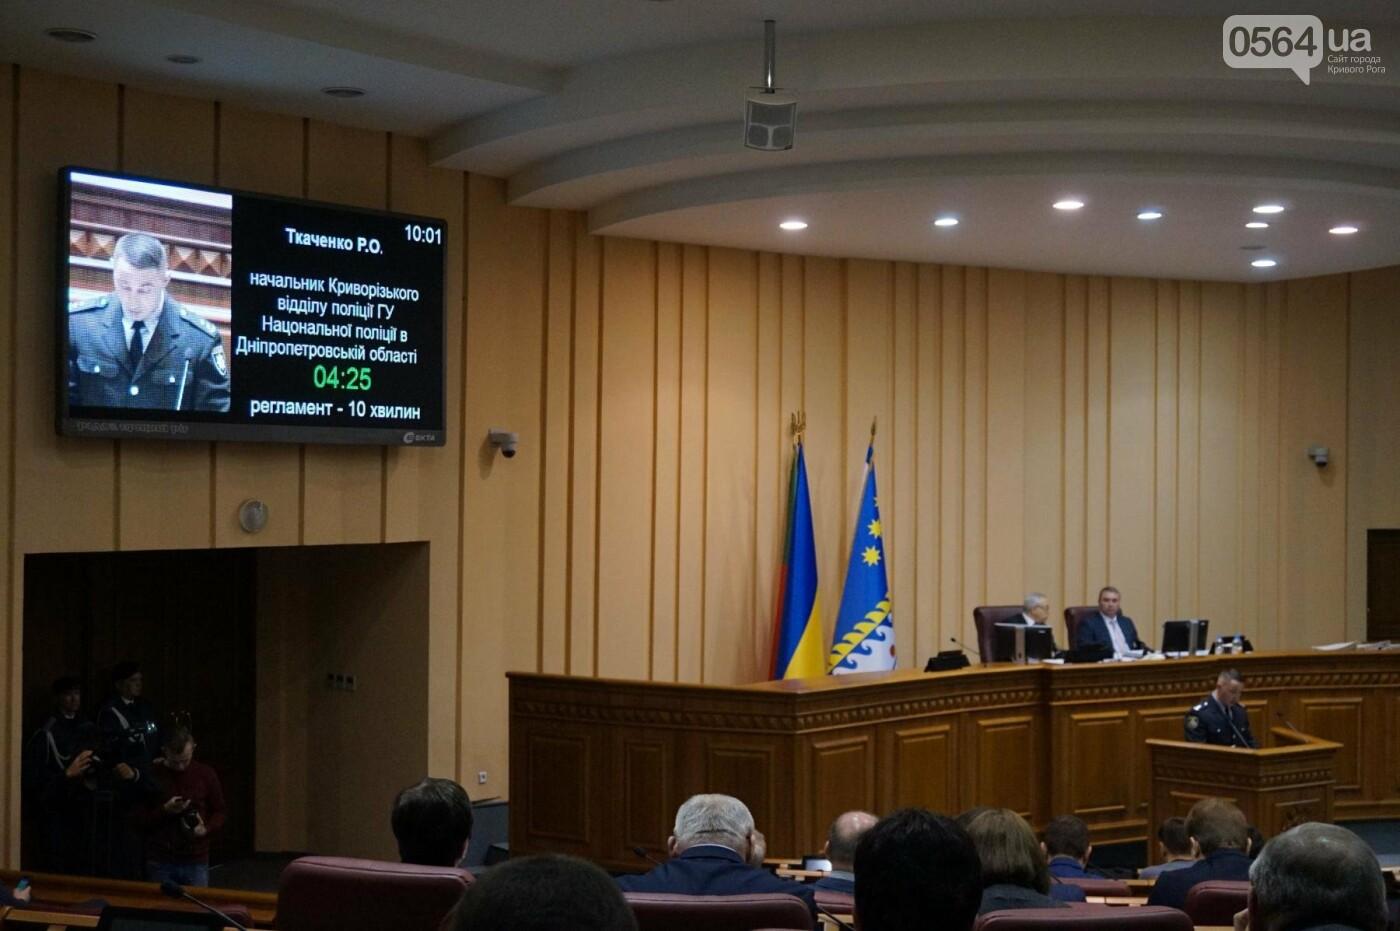 Начальник полиции отчитался перед депутатами о криминогенной ситуации в Кривом Роге (ФОТО), фото-10